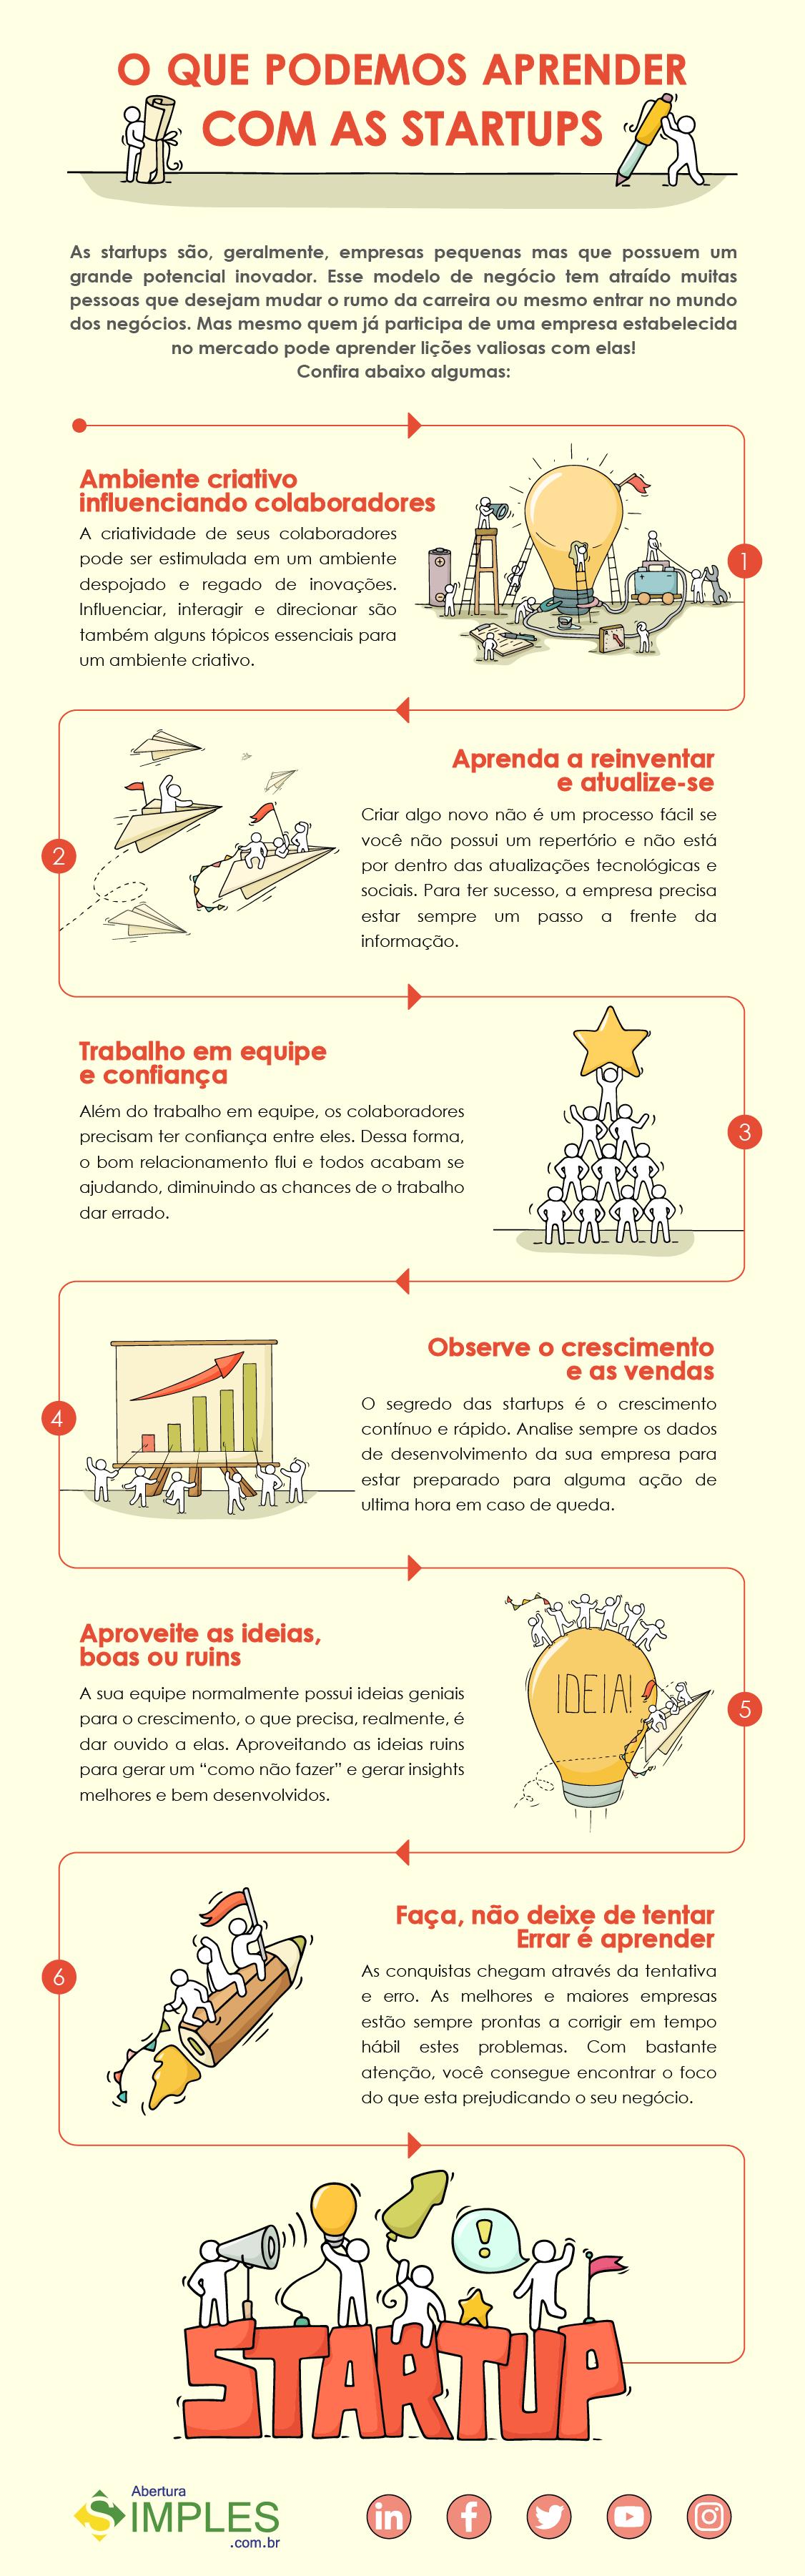 Infográfico com seis lições das startups